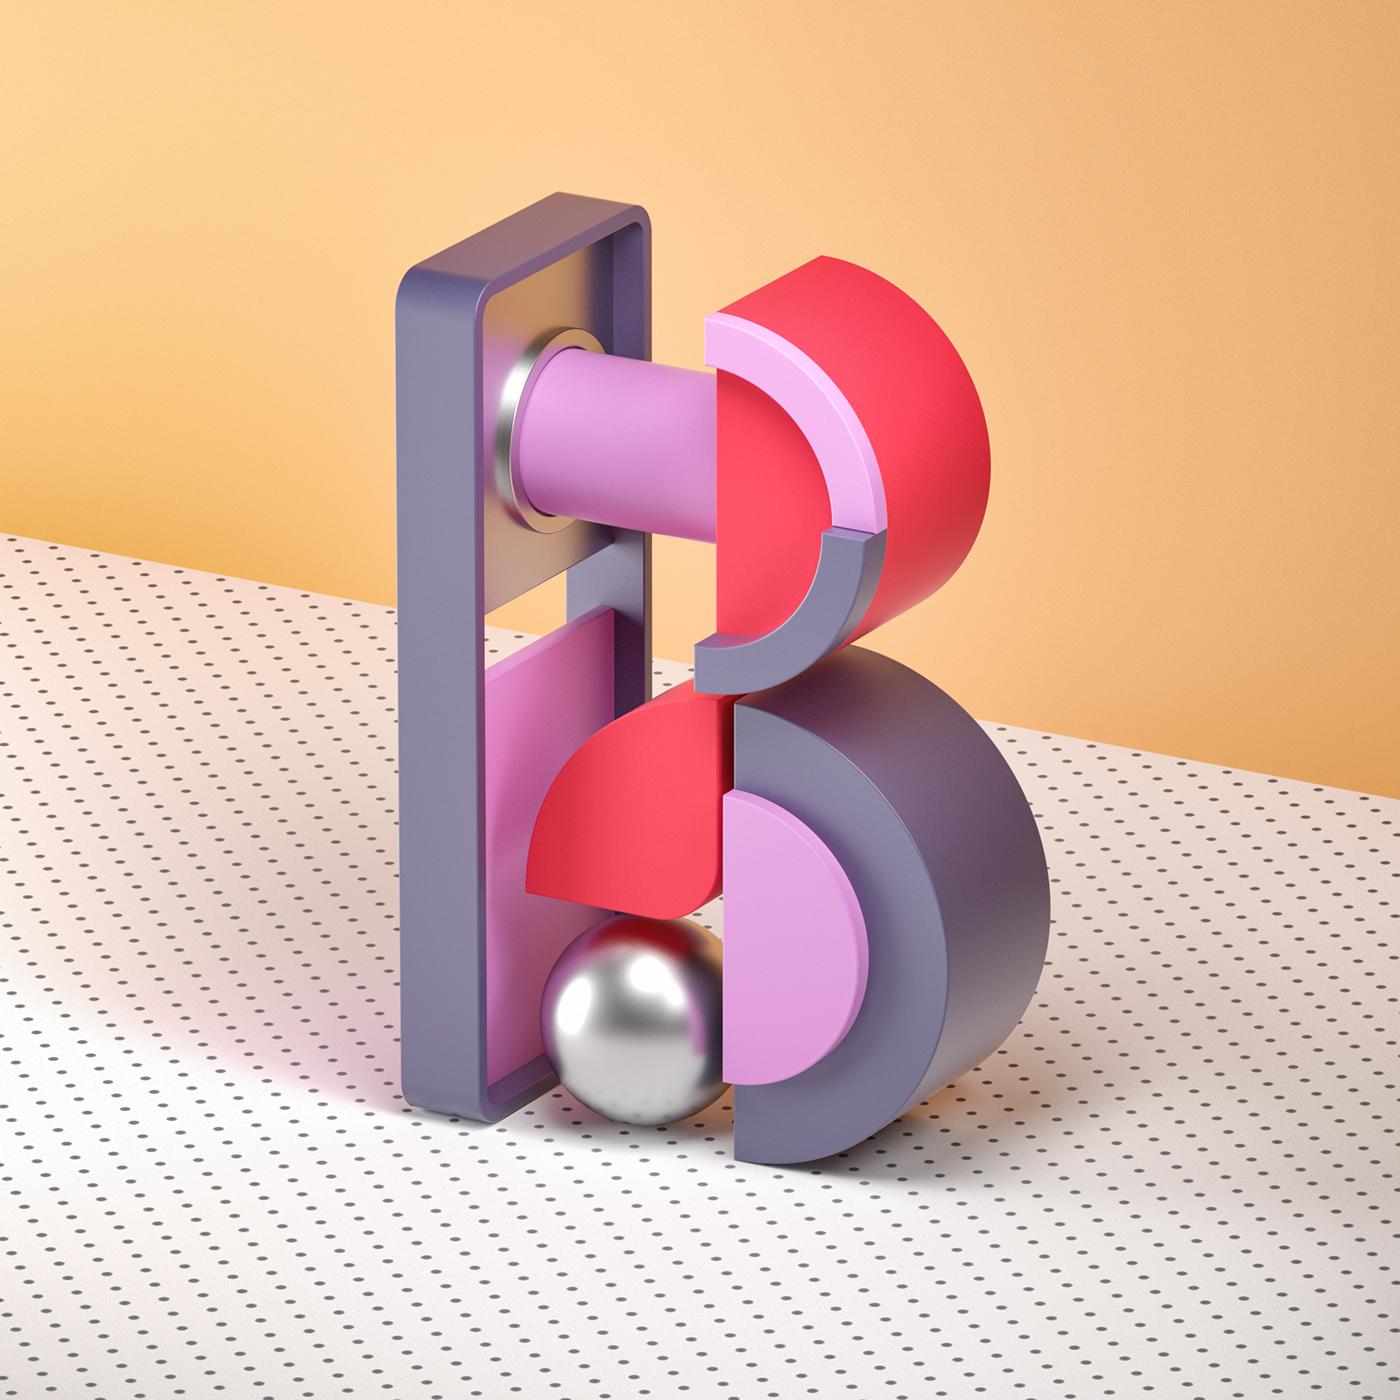 Amazing Typography by Serafim Mendes